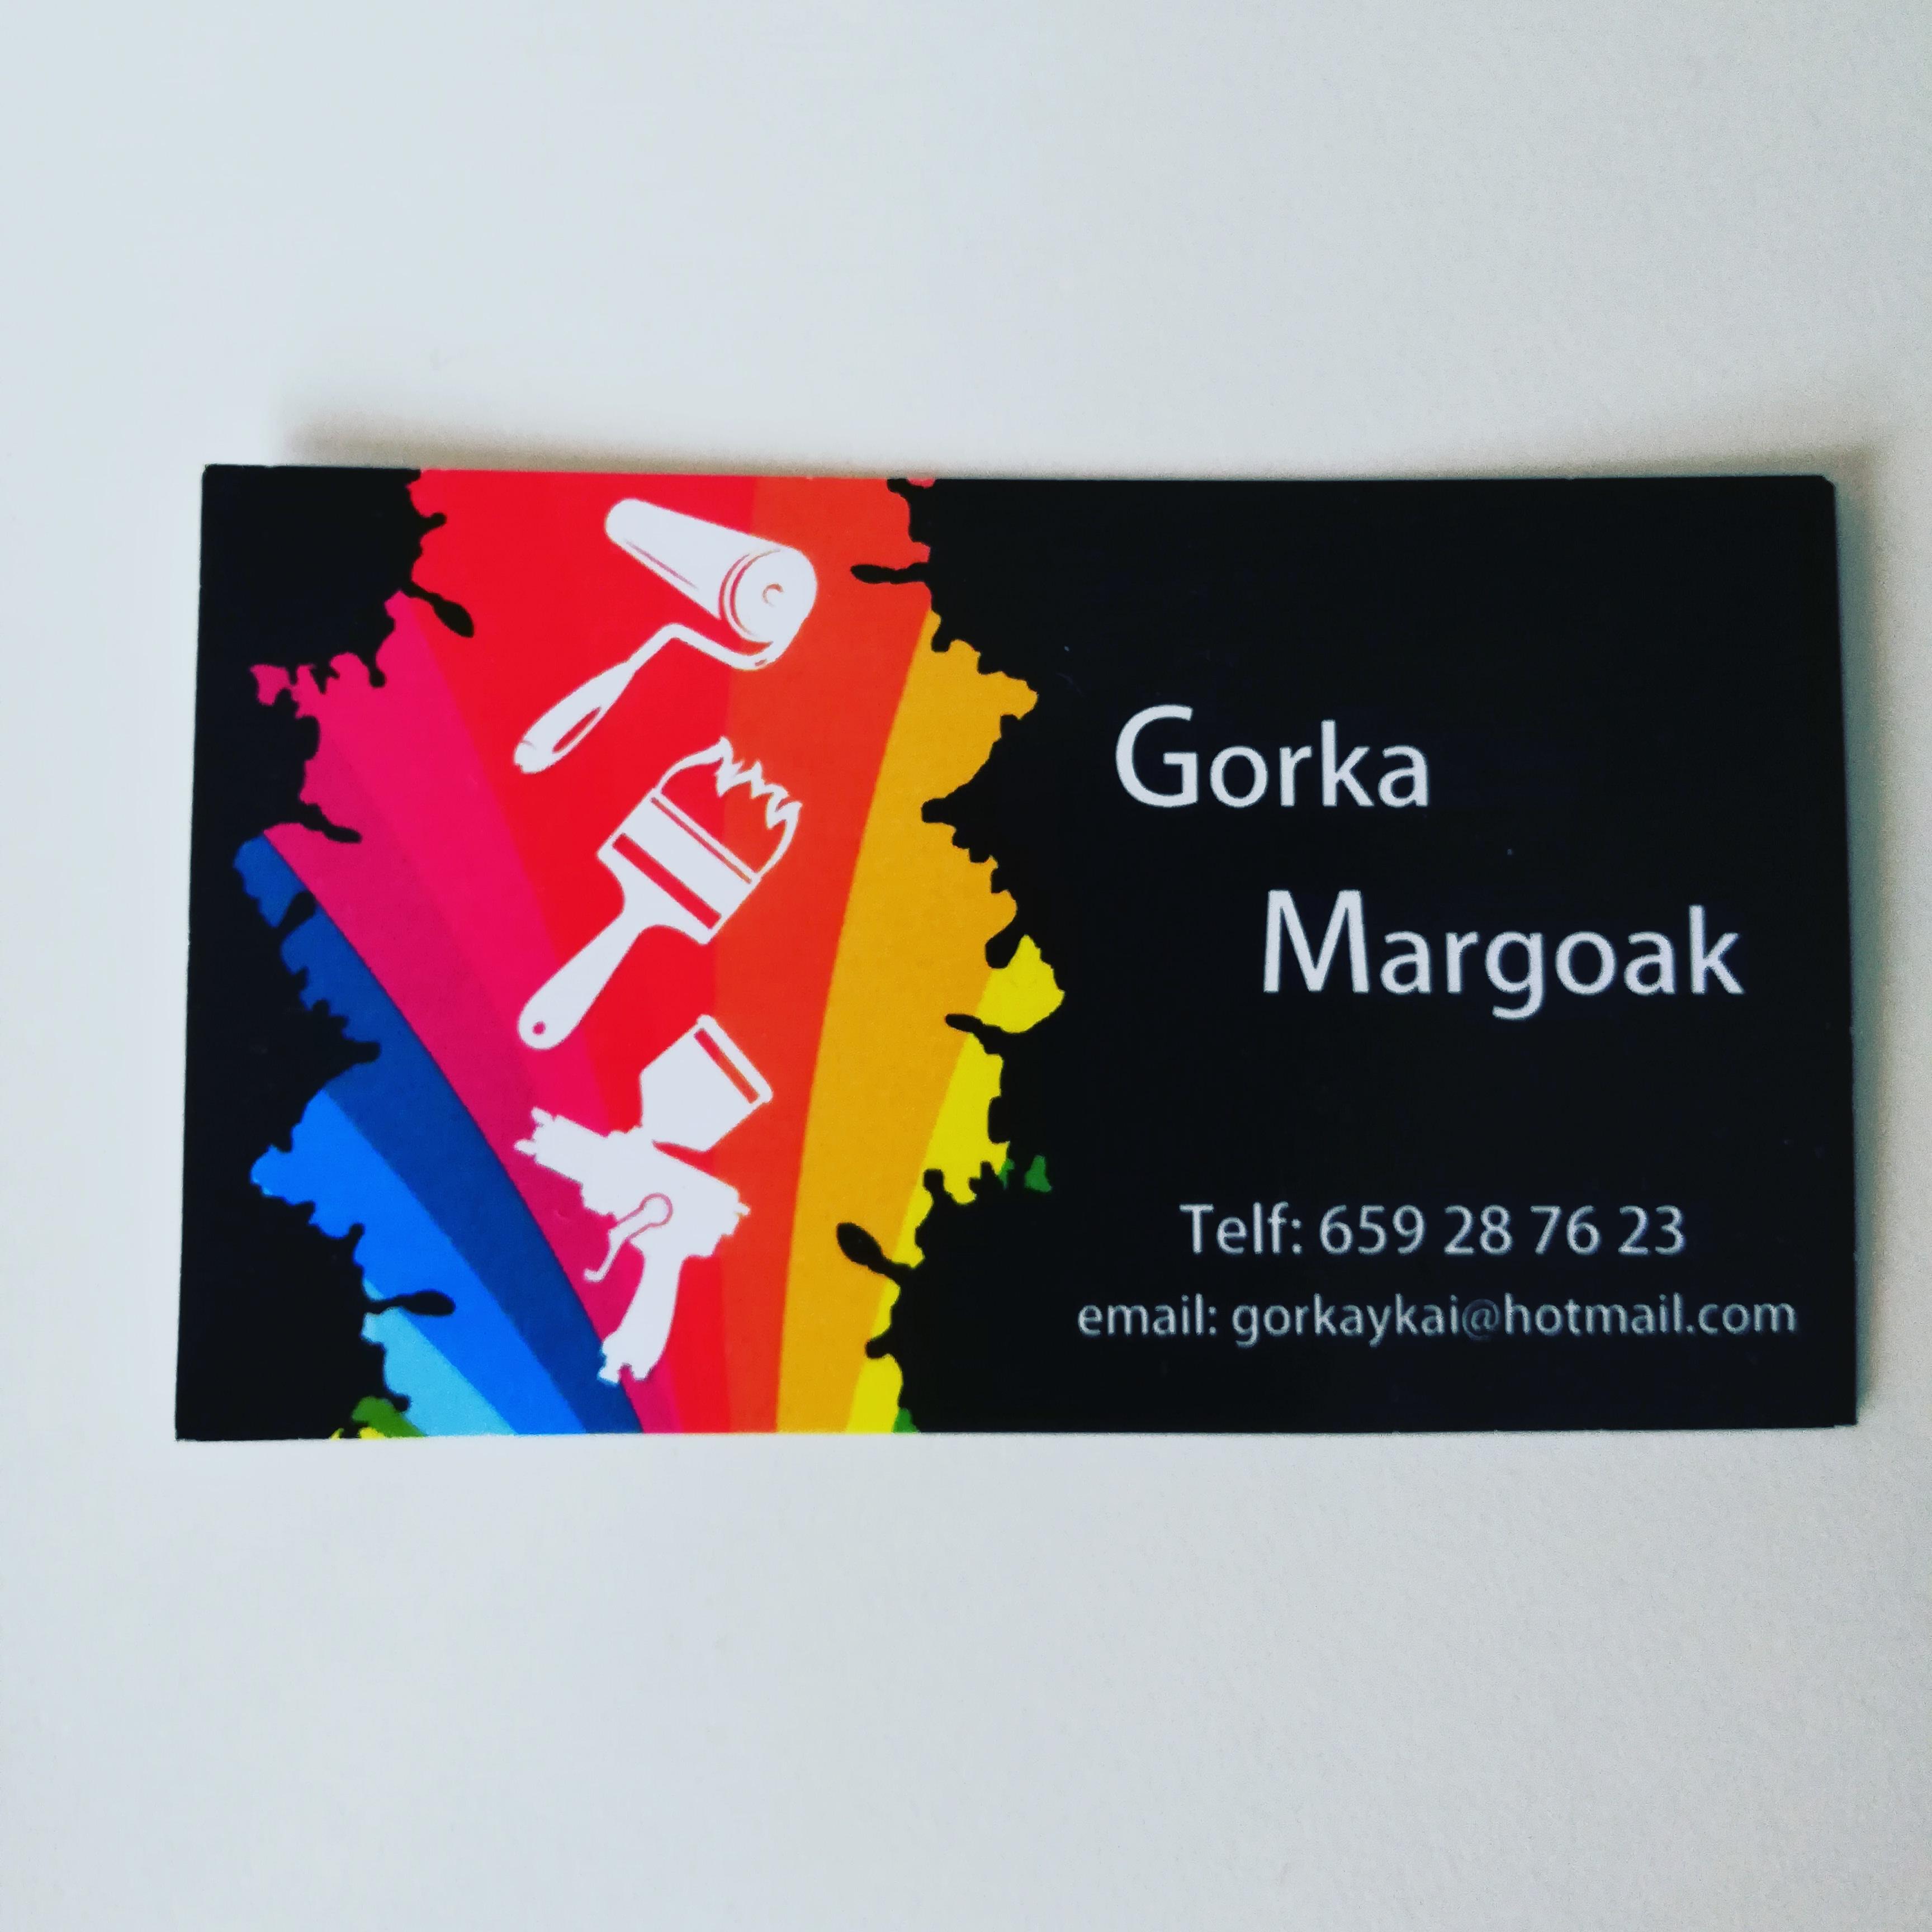 Gorka Margoak